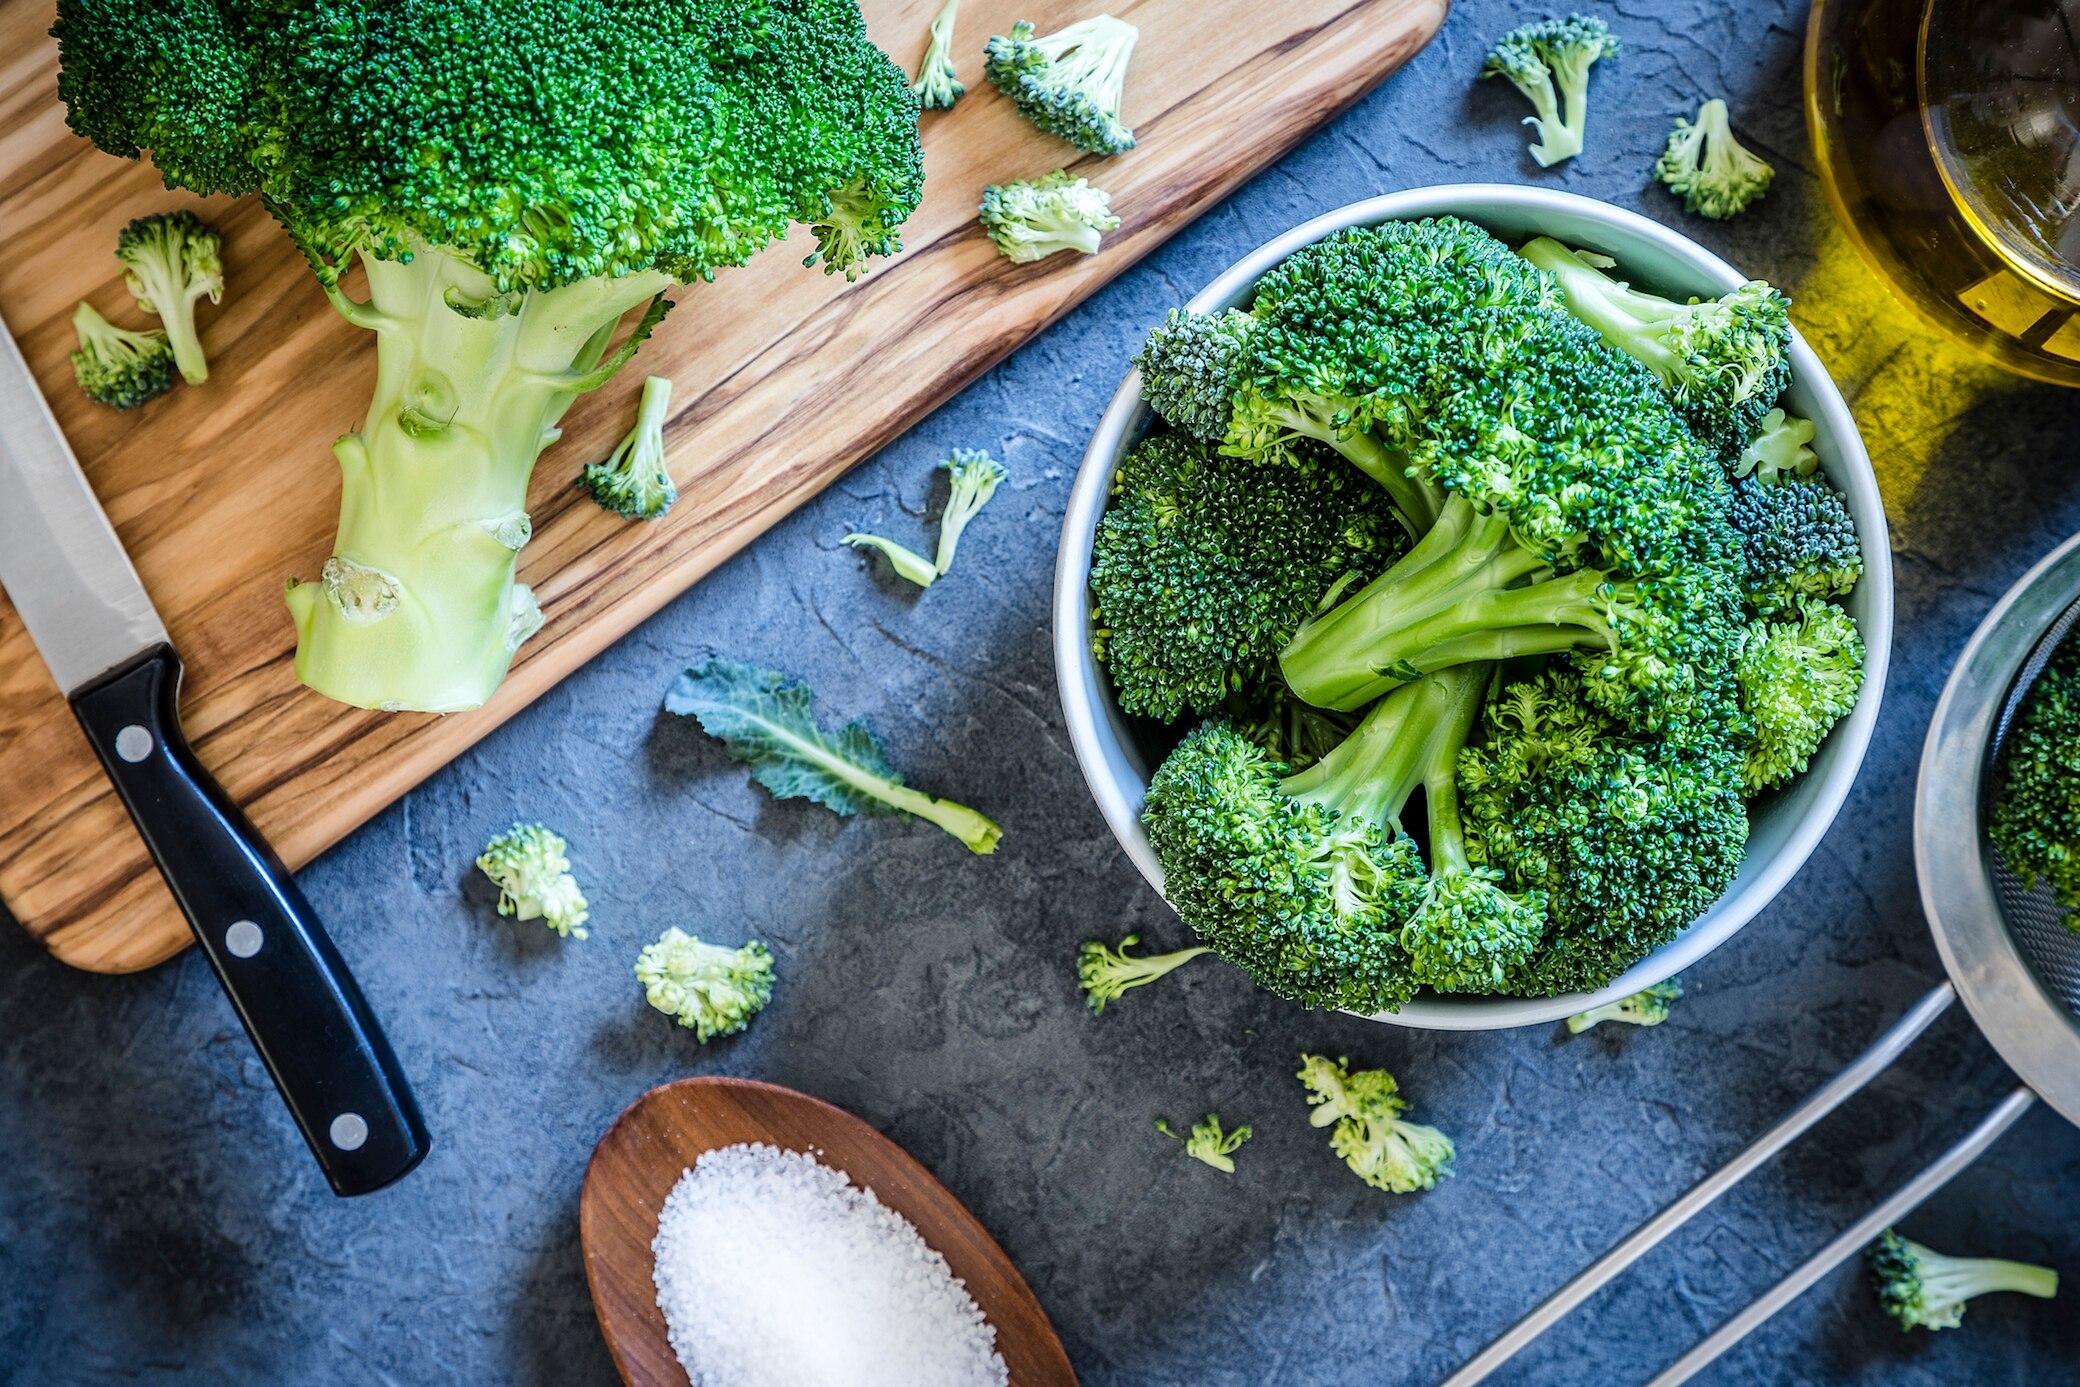 Diese Zubereitung könnte Brokkoli NOCH gesünder machen